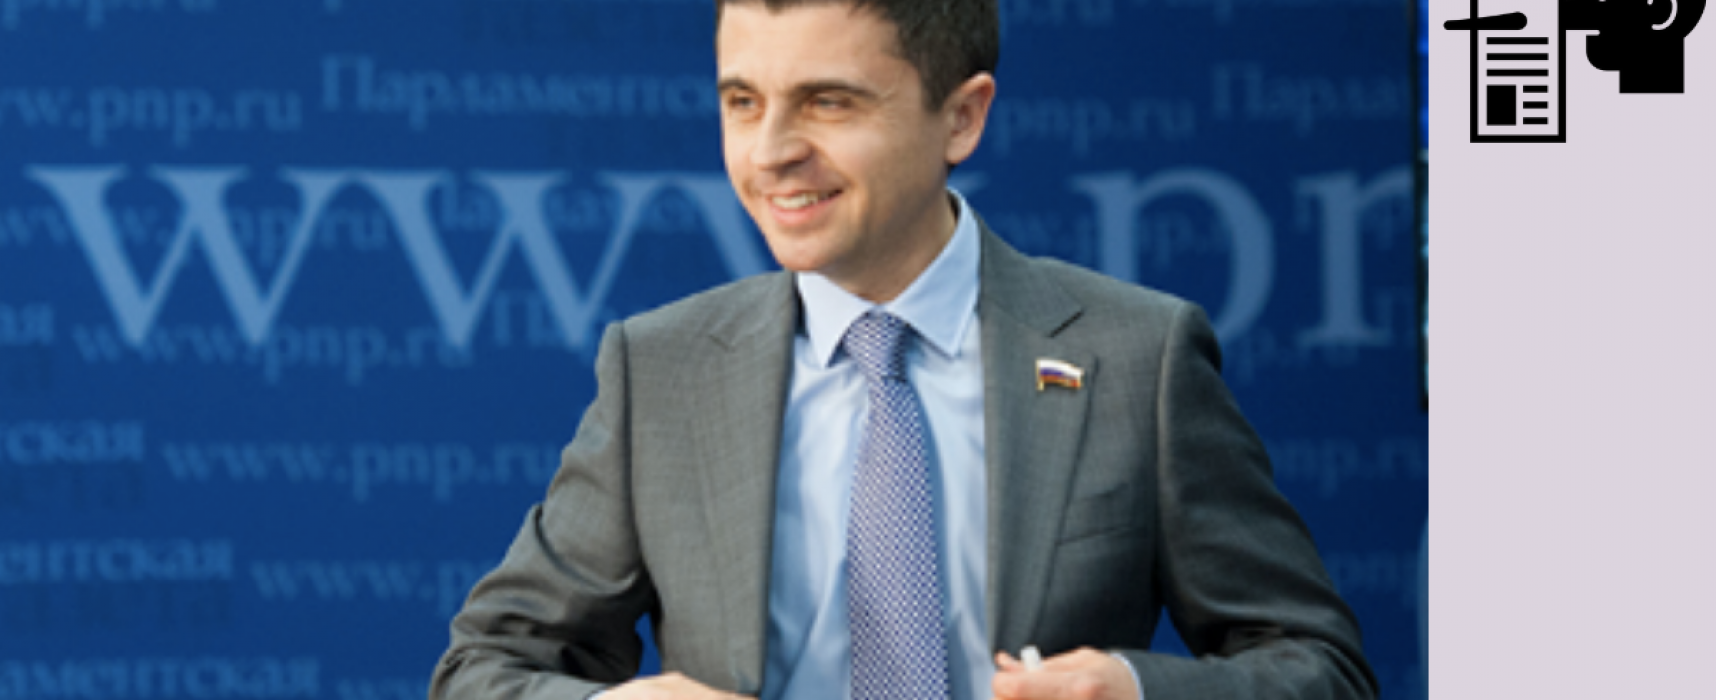 Falso: El representante ruso de Crimea habló en la ONU